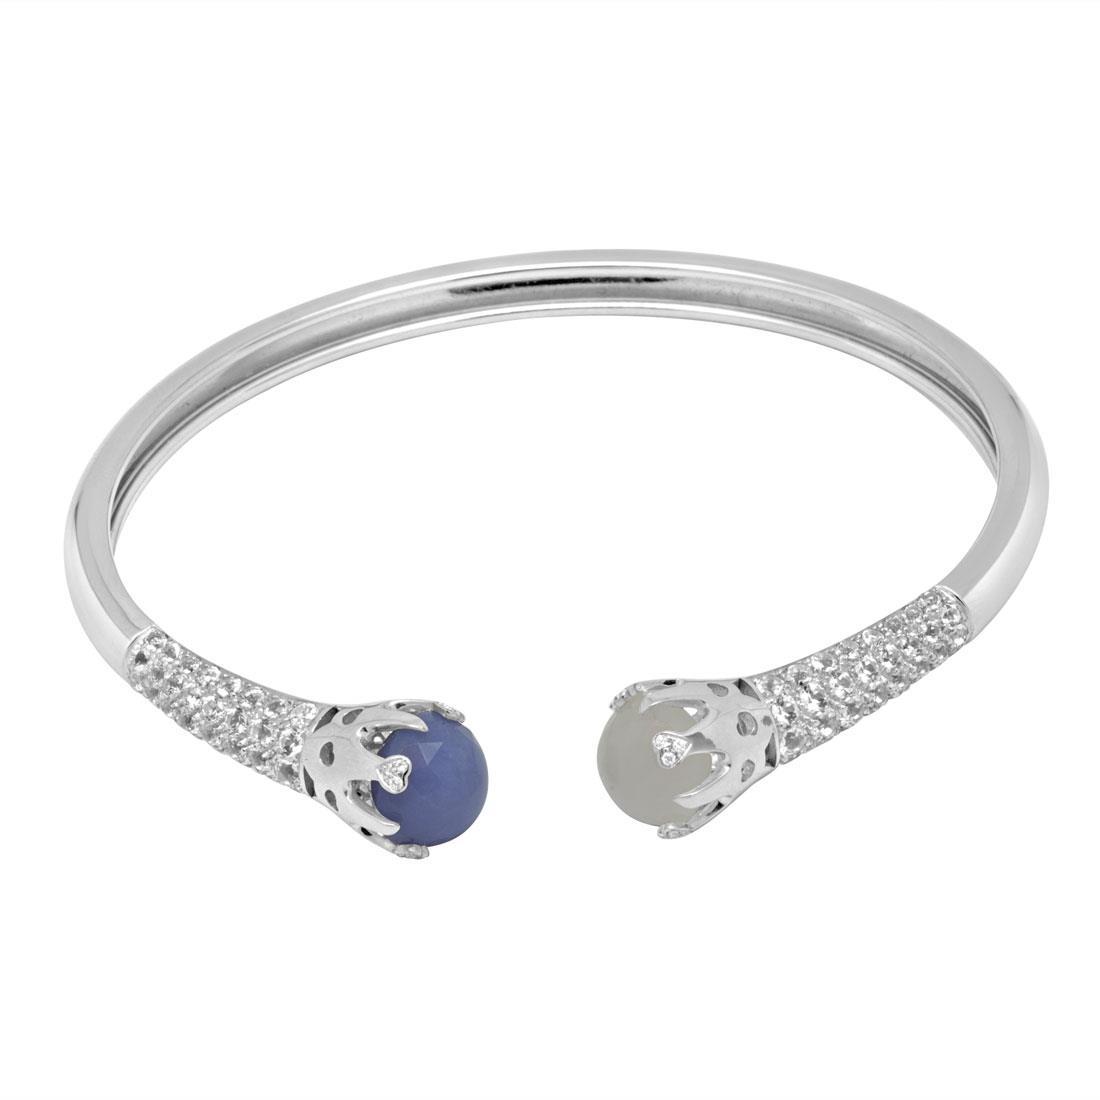 Bracciale rigido con diamanti ct 0.08 e pietre preziose - PASQUALE BRUNI